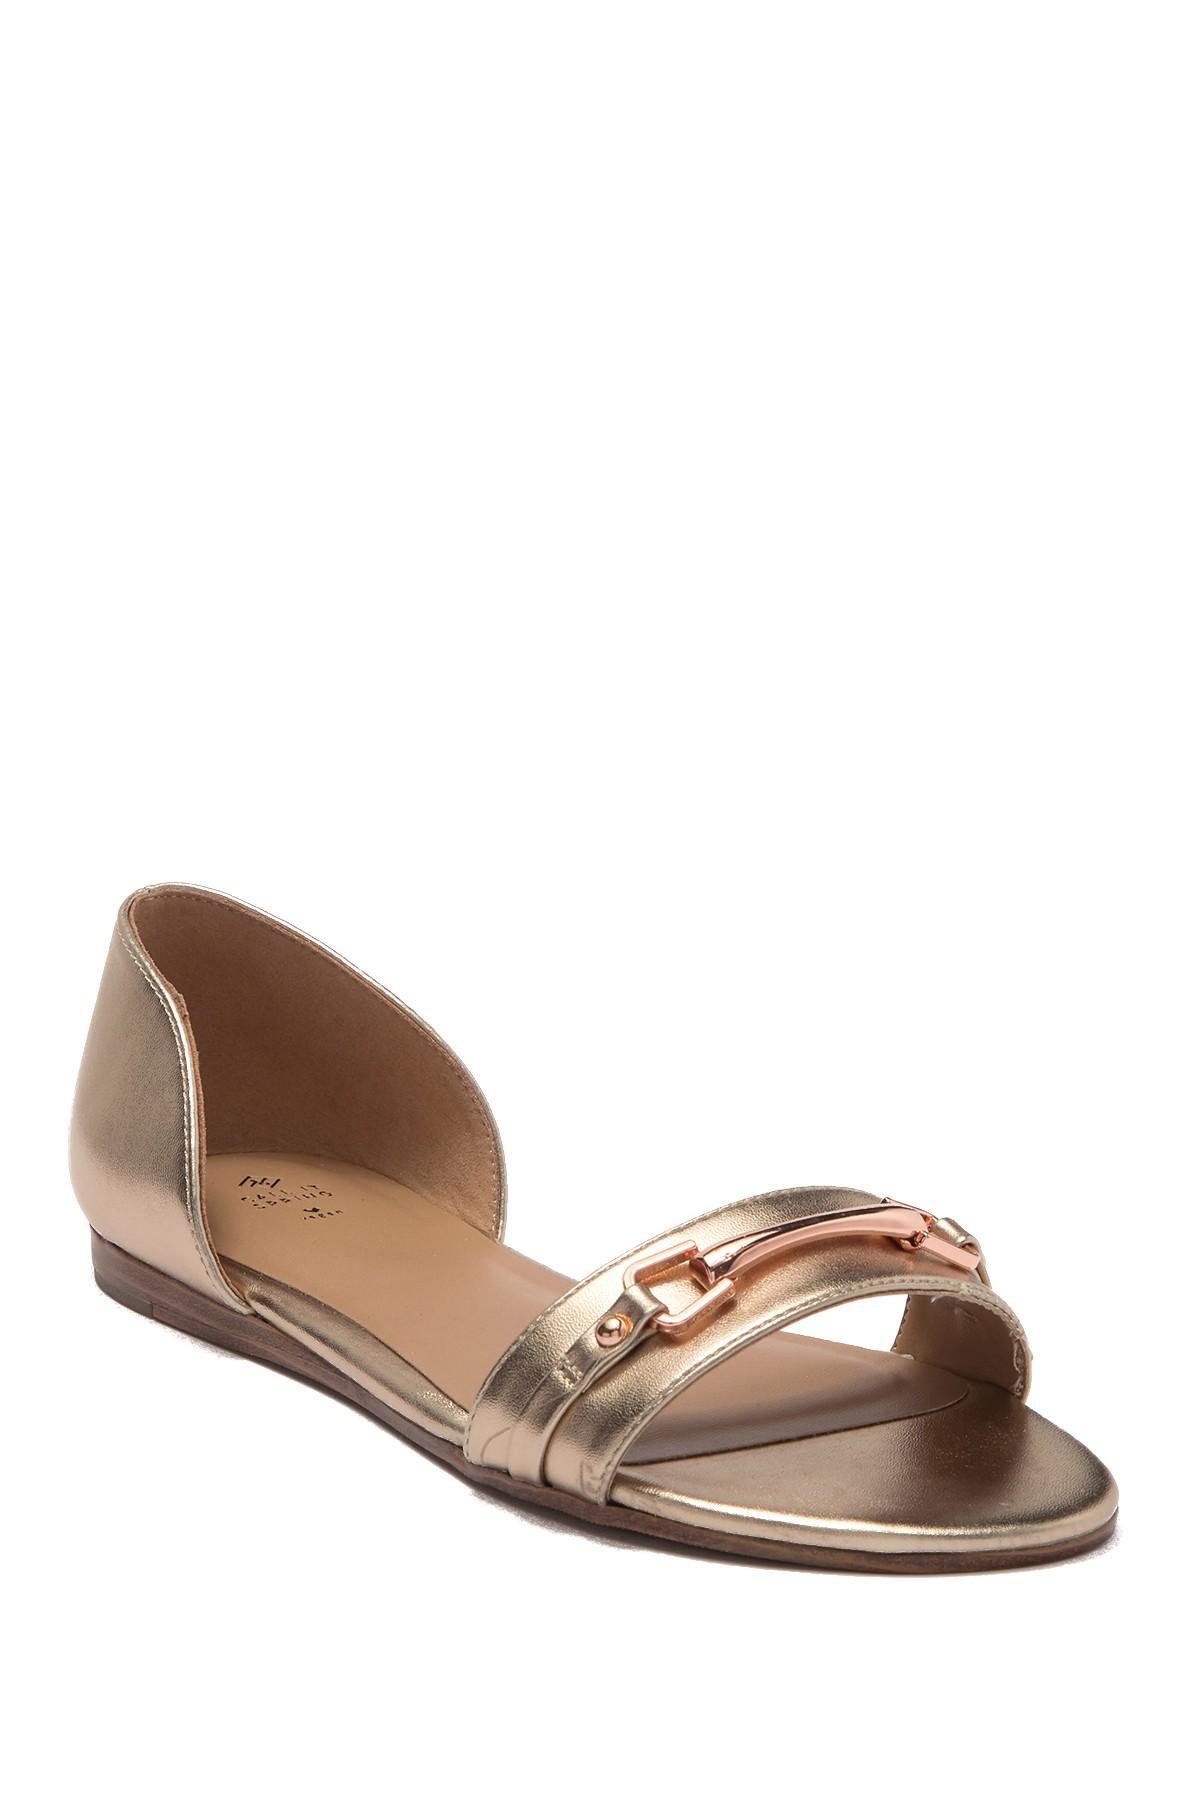 ad0761cfb41a Lyst - Call It Spring Ilova Metal Bit Sandal